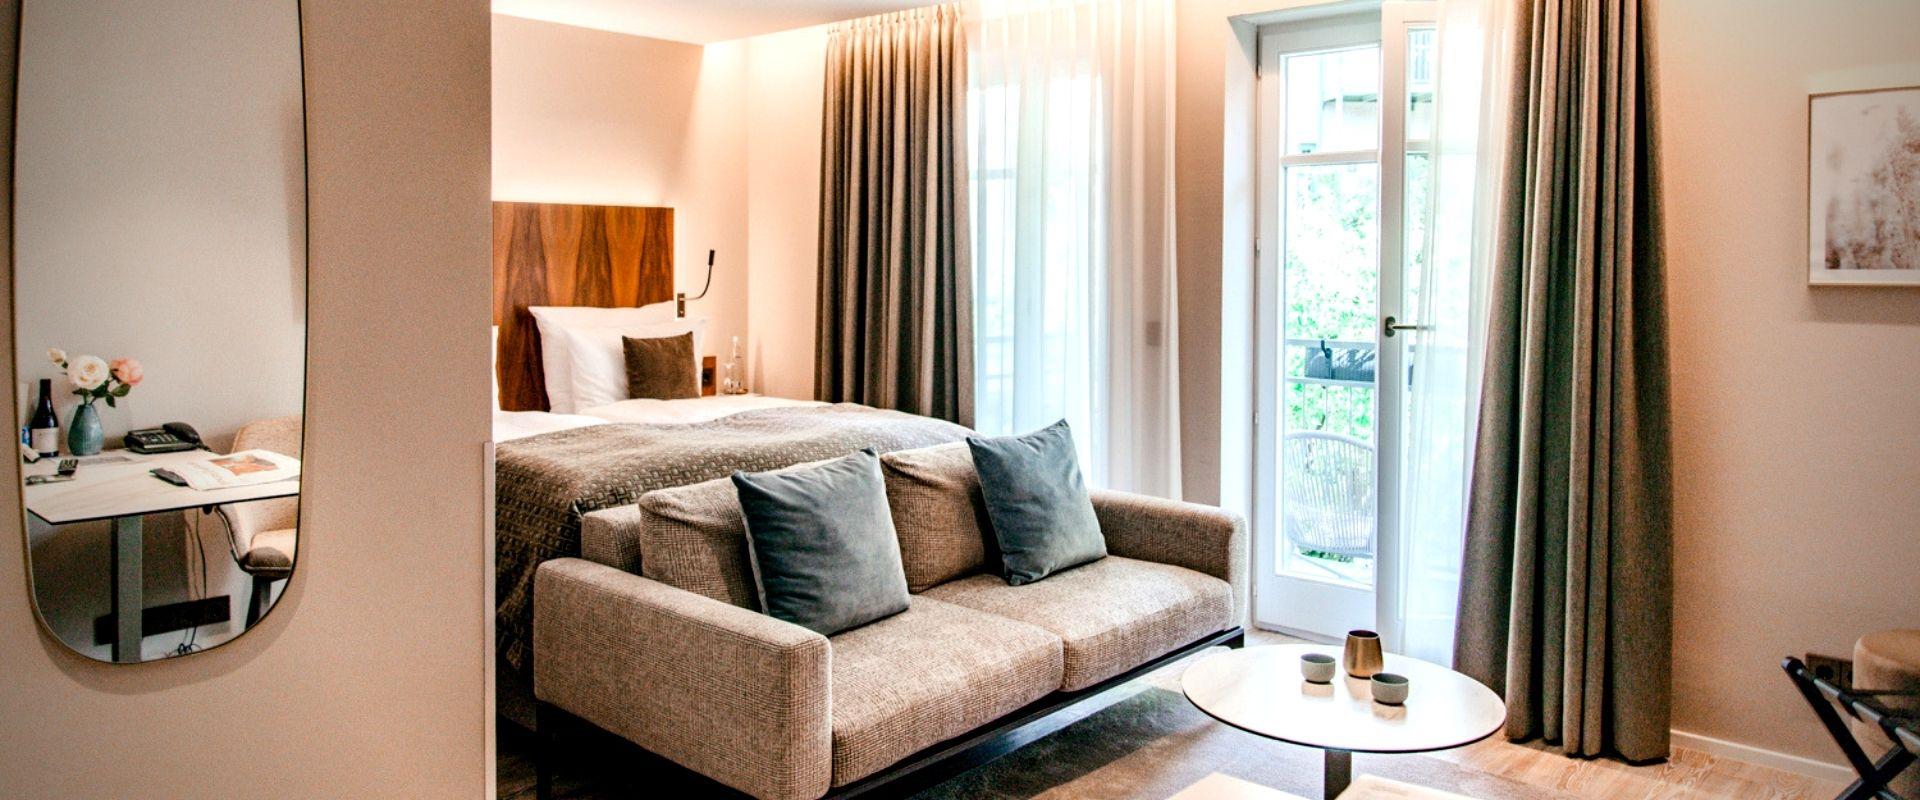 Apartments Schlafbereich Hotel München Innenstadt